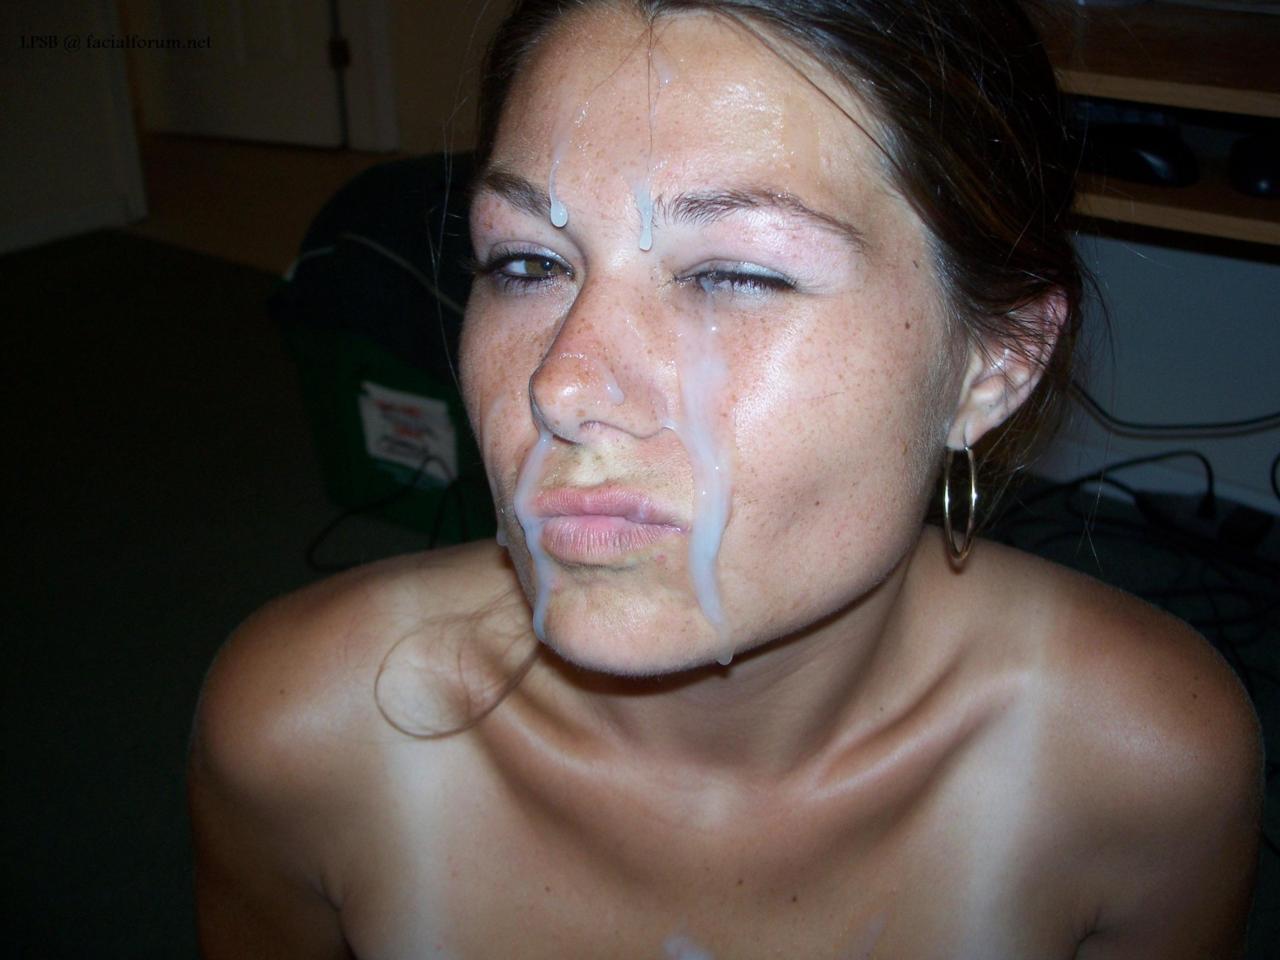 сперма на лице девушки